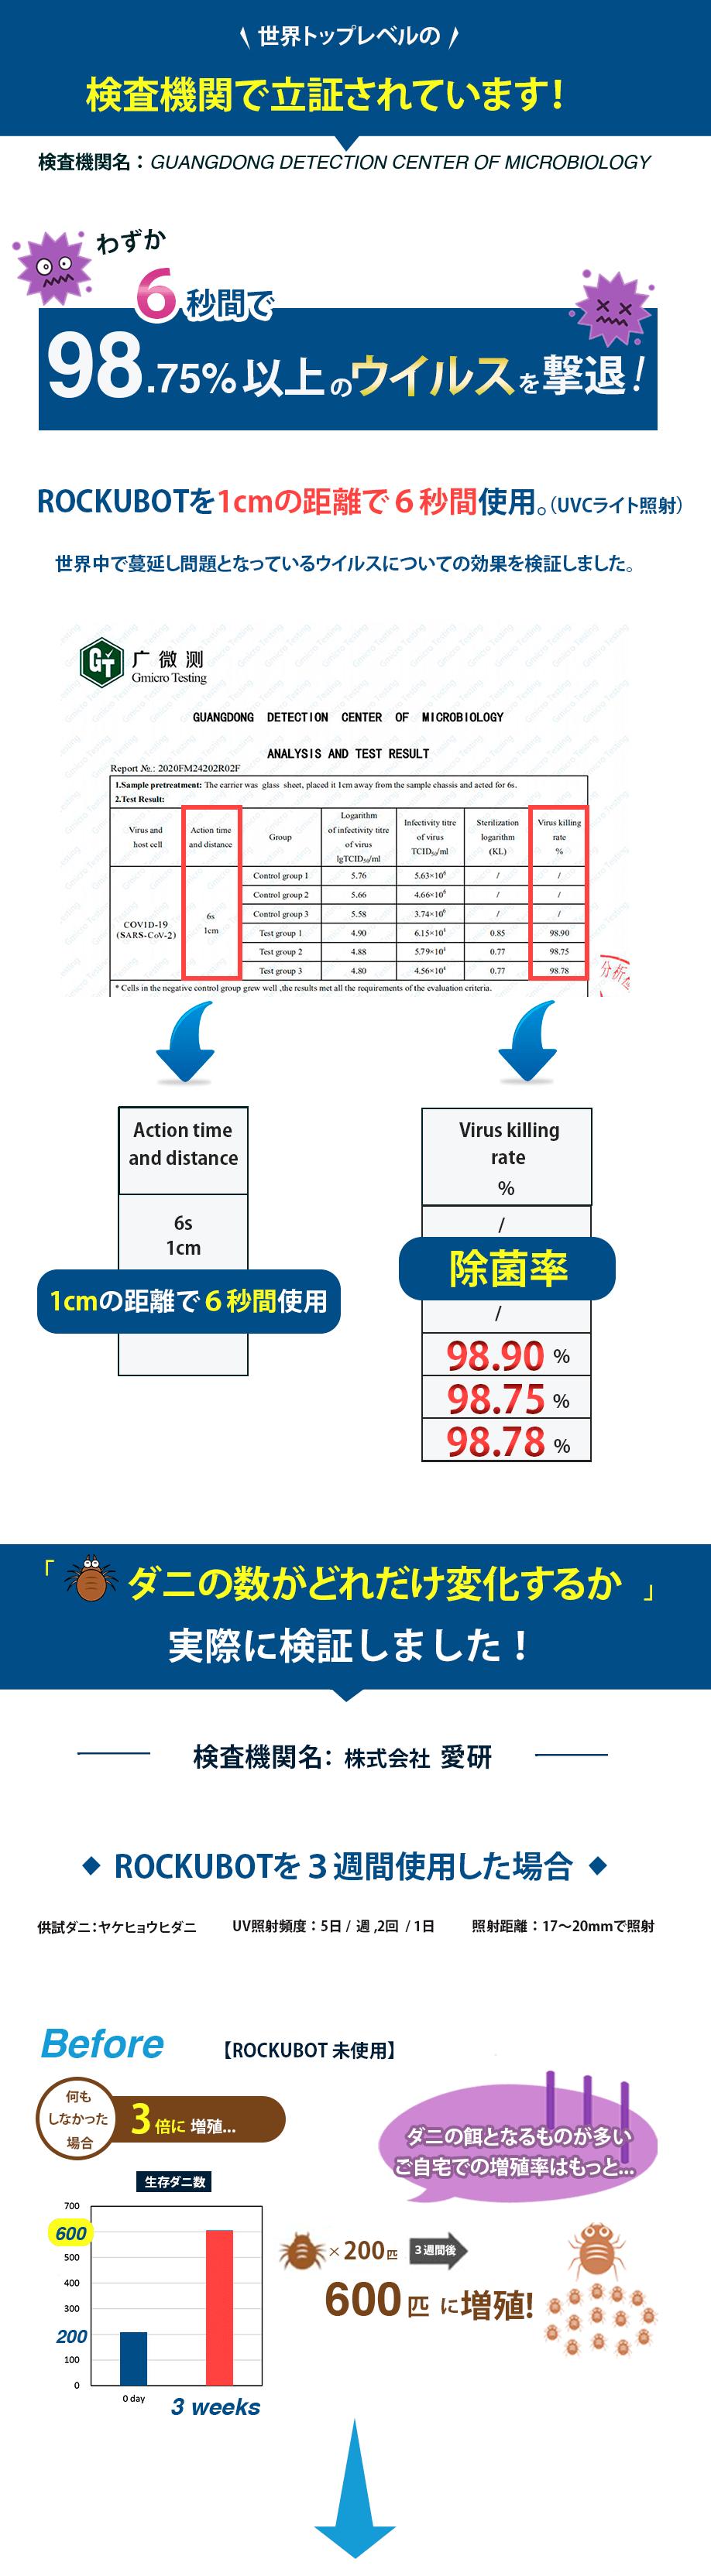 グラフsp1 (1)